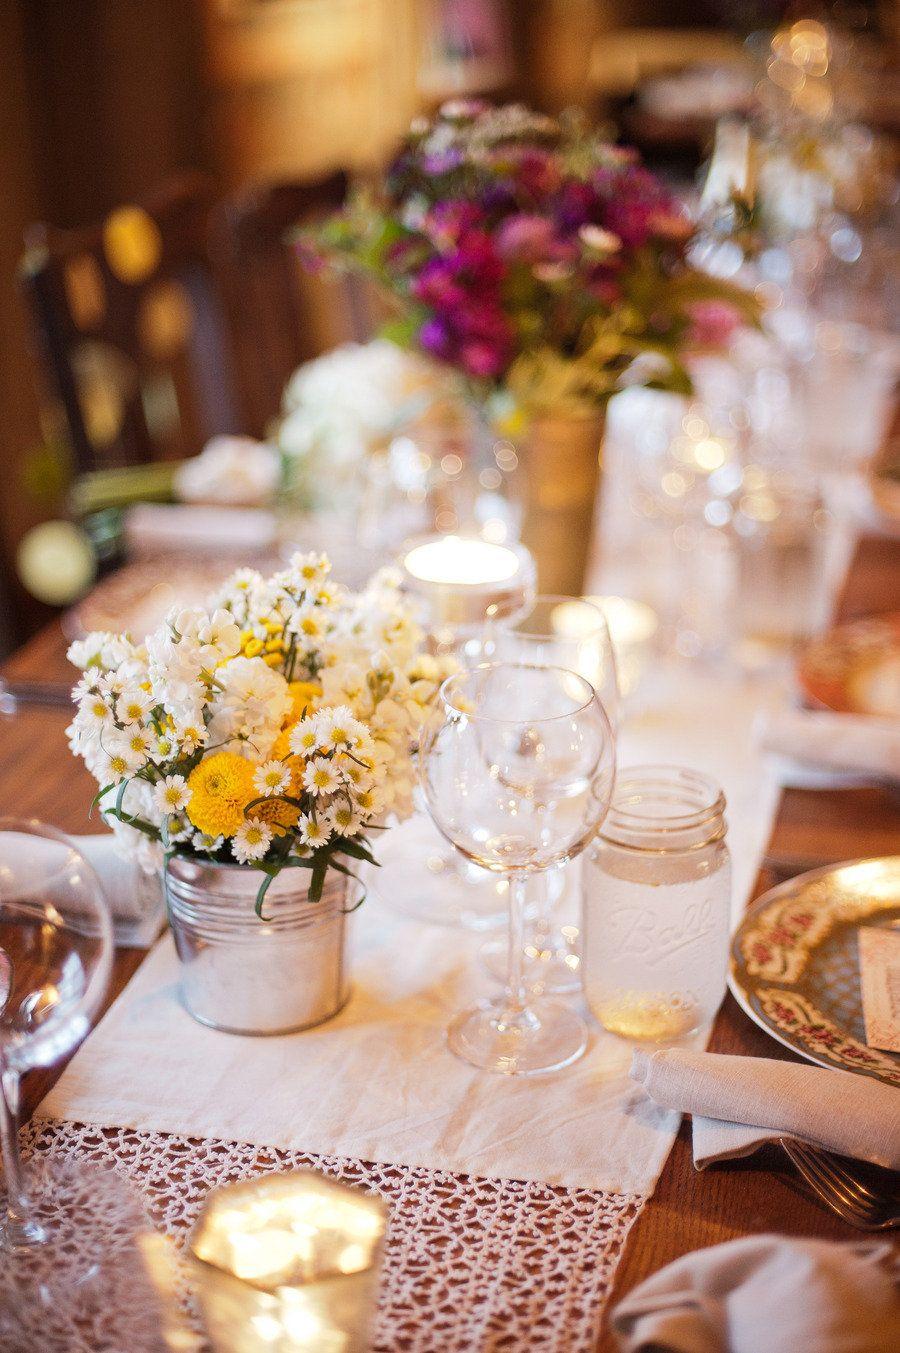 Simple wedding decoration designs  Bovina Wedding by Erik Ekroth  WEDDING f l o w e r s  Pinterest